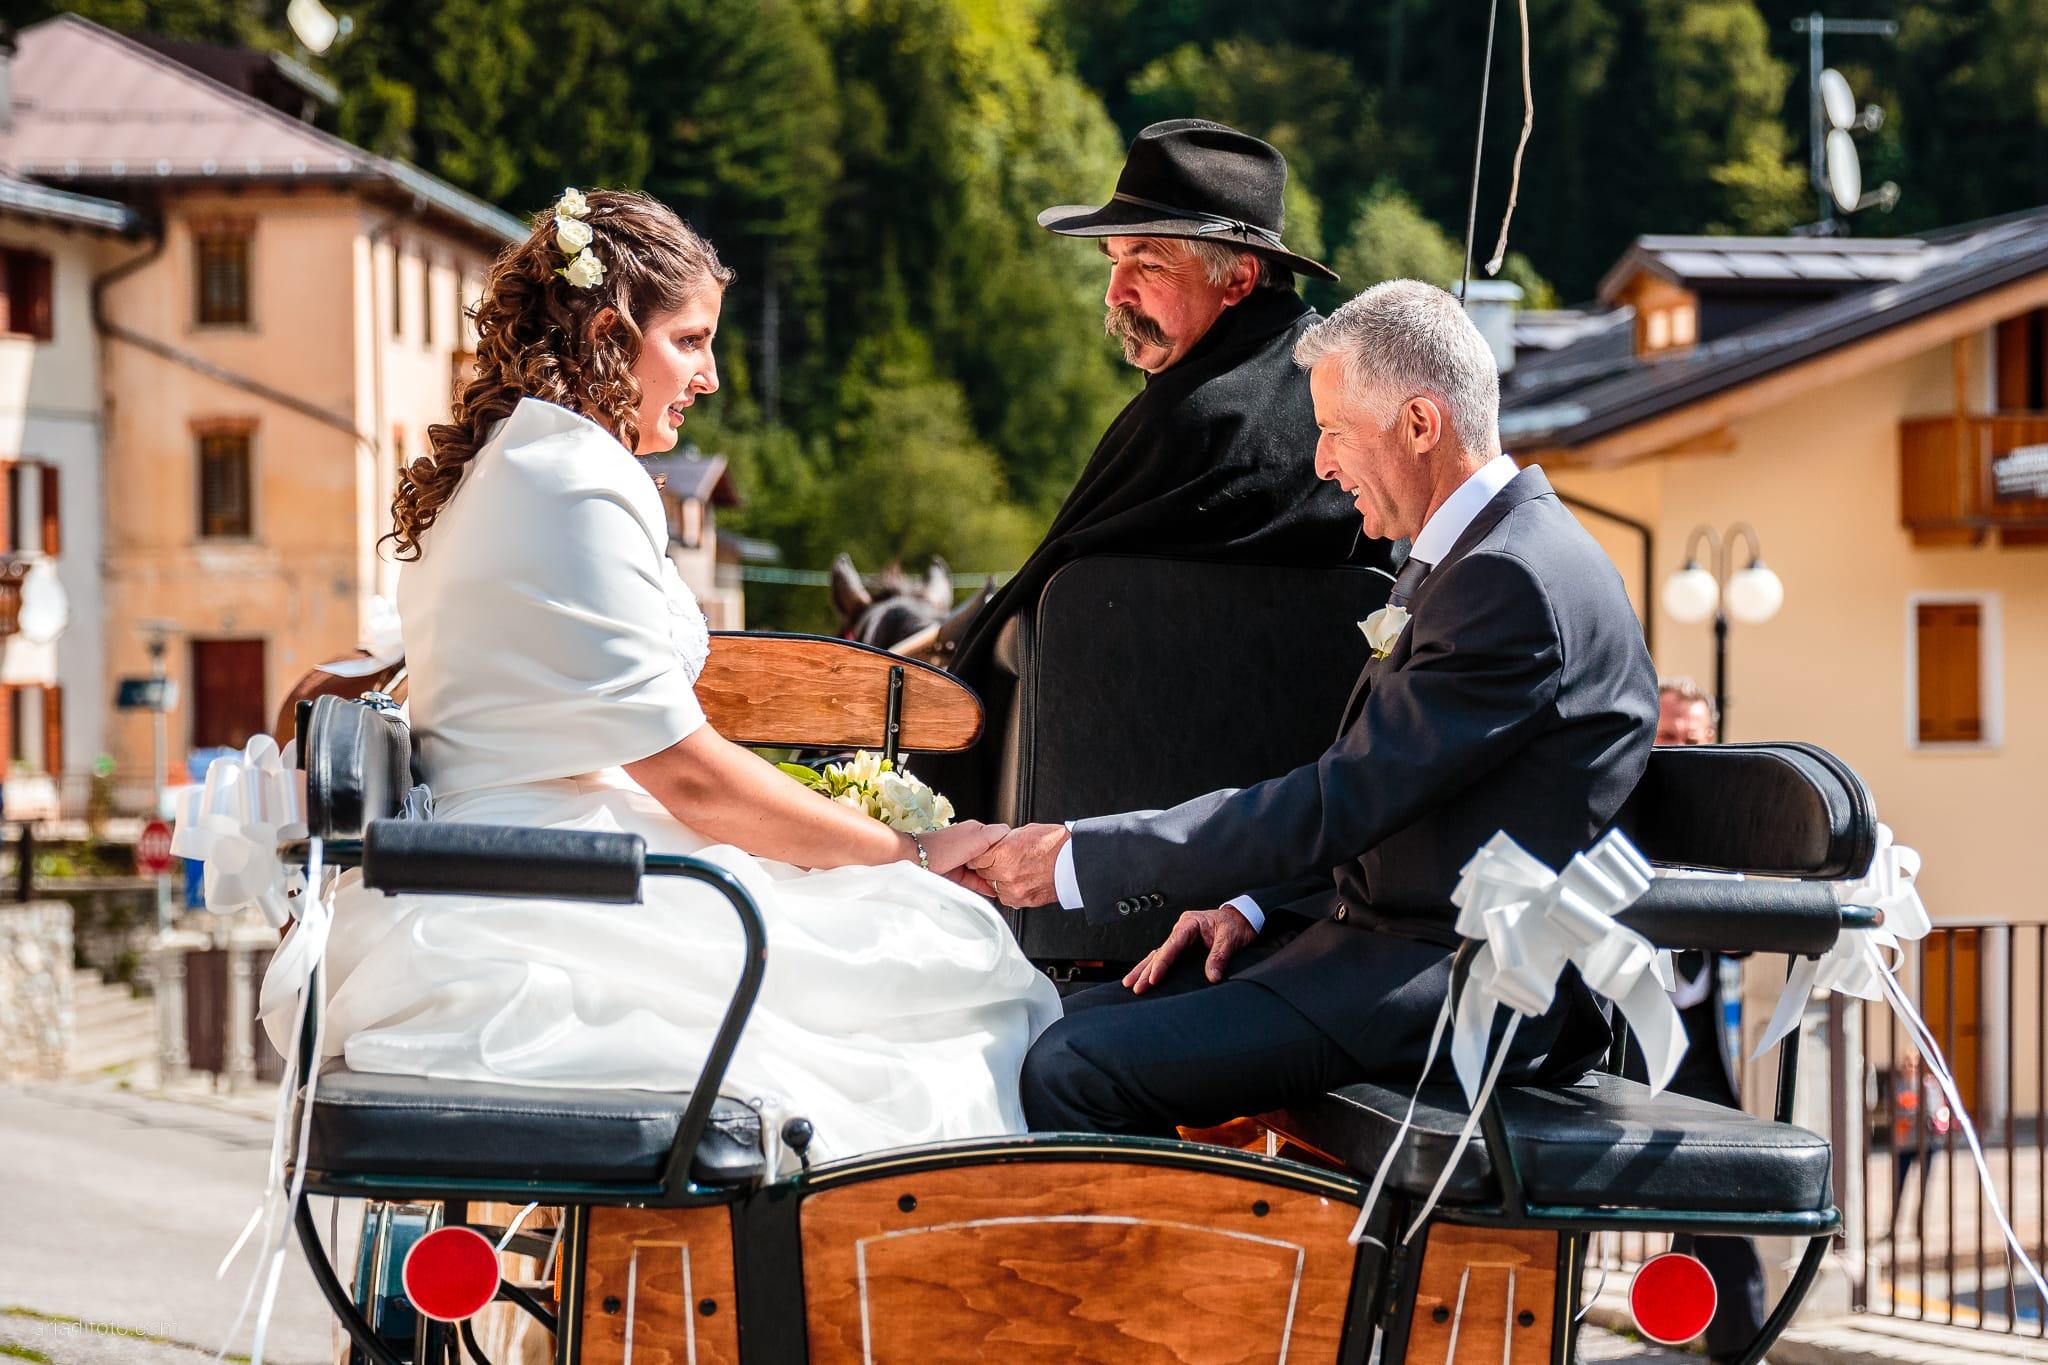 Elisa Gabriele matrimonio Veneto Val Zoldana Belluno momenti carrozza cavalli papà